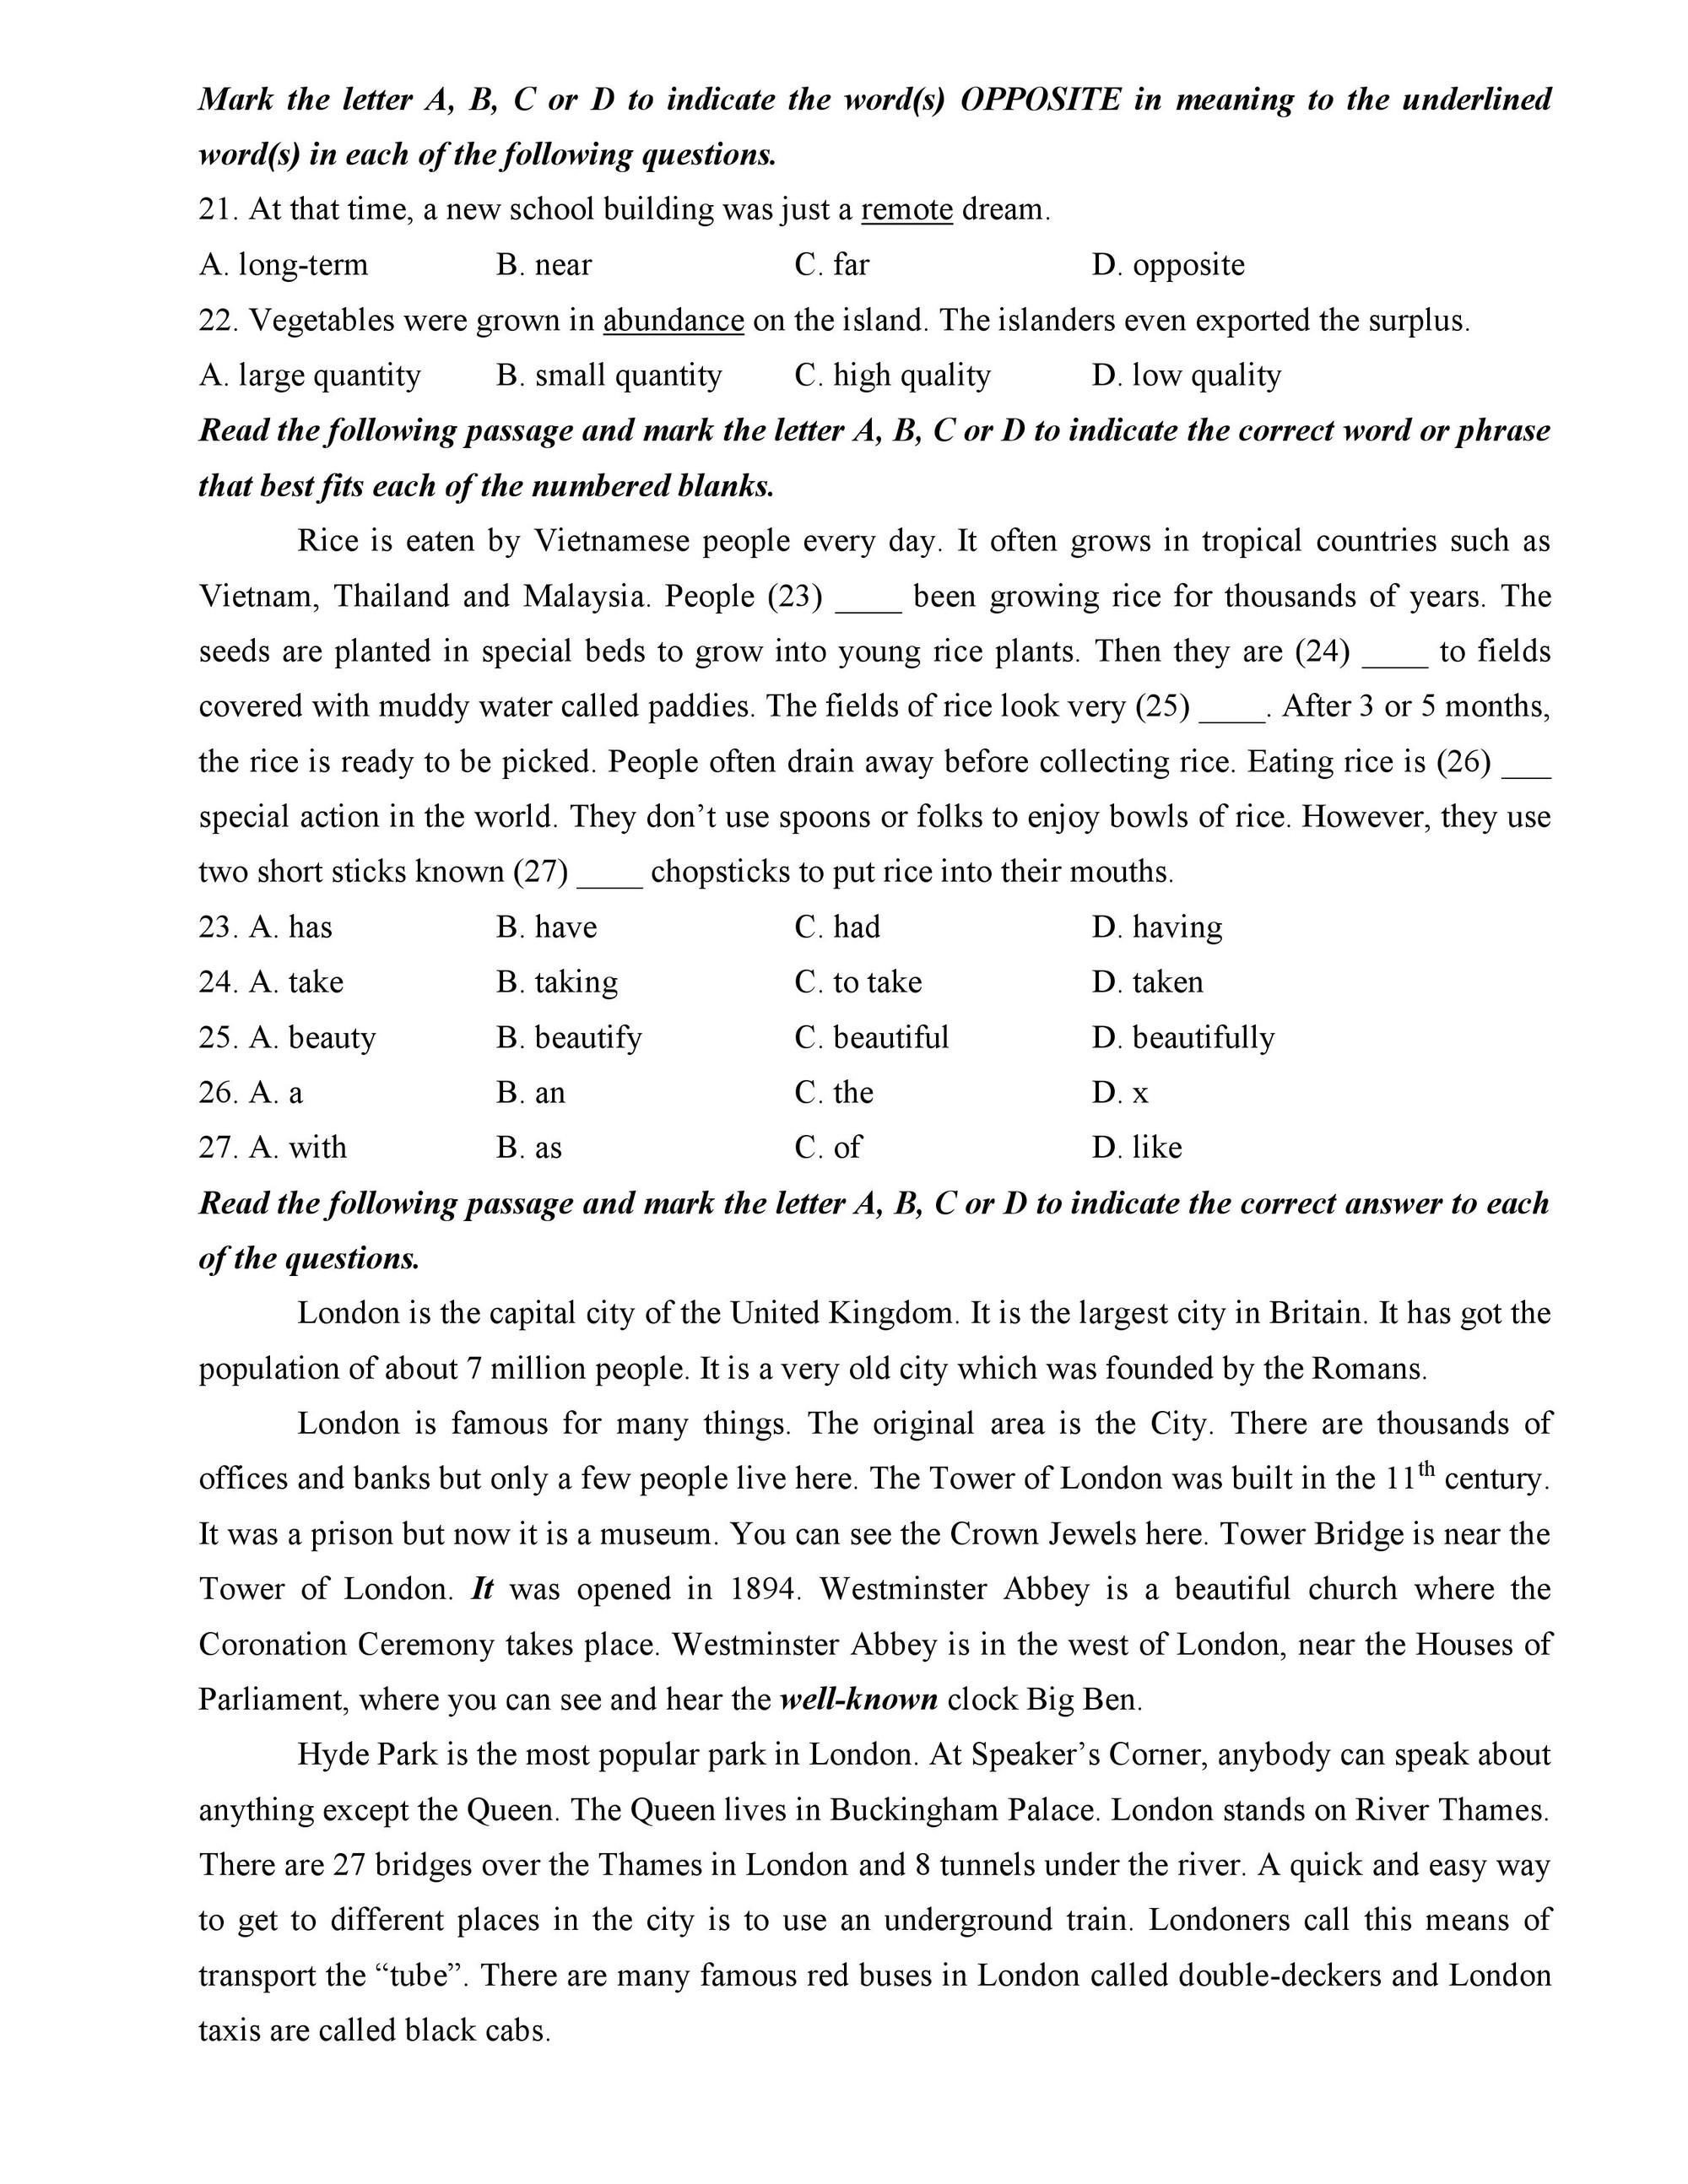 Đề thi thử vào lớp 10 môn Tiếng Anh THPT Hoàng Mai, Hà Nội năm 2019 kèm đáp án chi tiết - Ảnh 3.